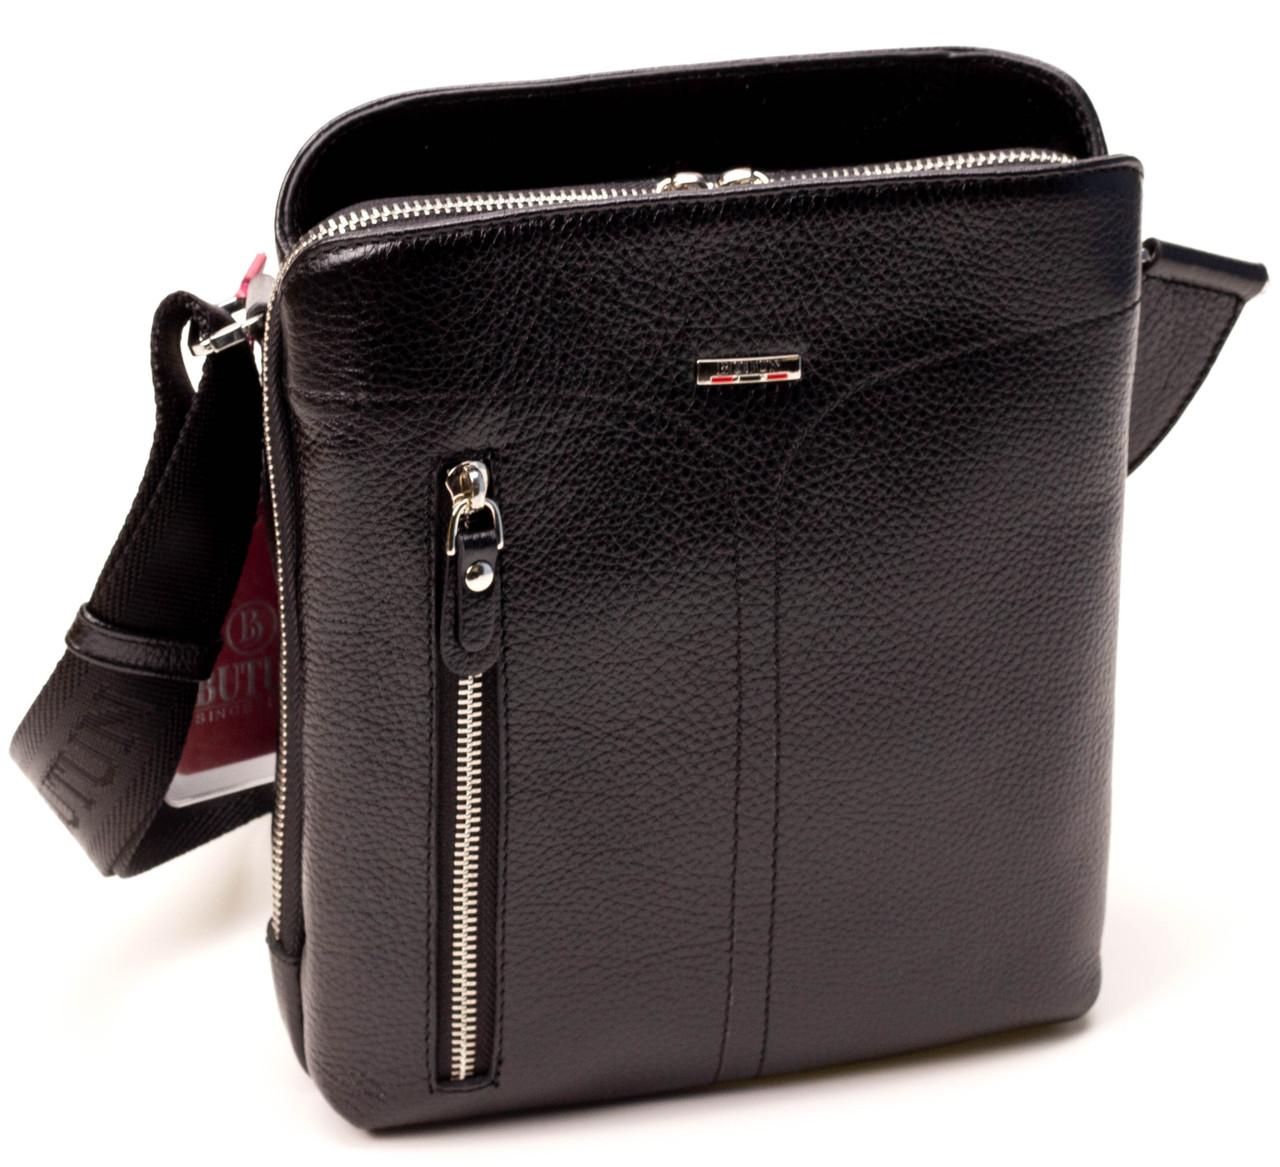 Мужская сумка через плечо BUTUN 434-004-001 из натуральной кожи черная